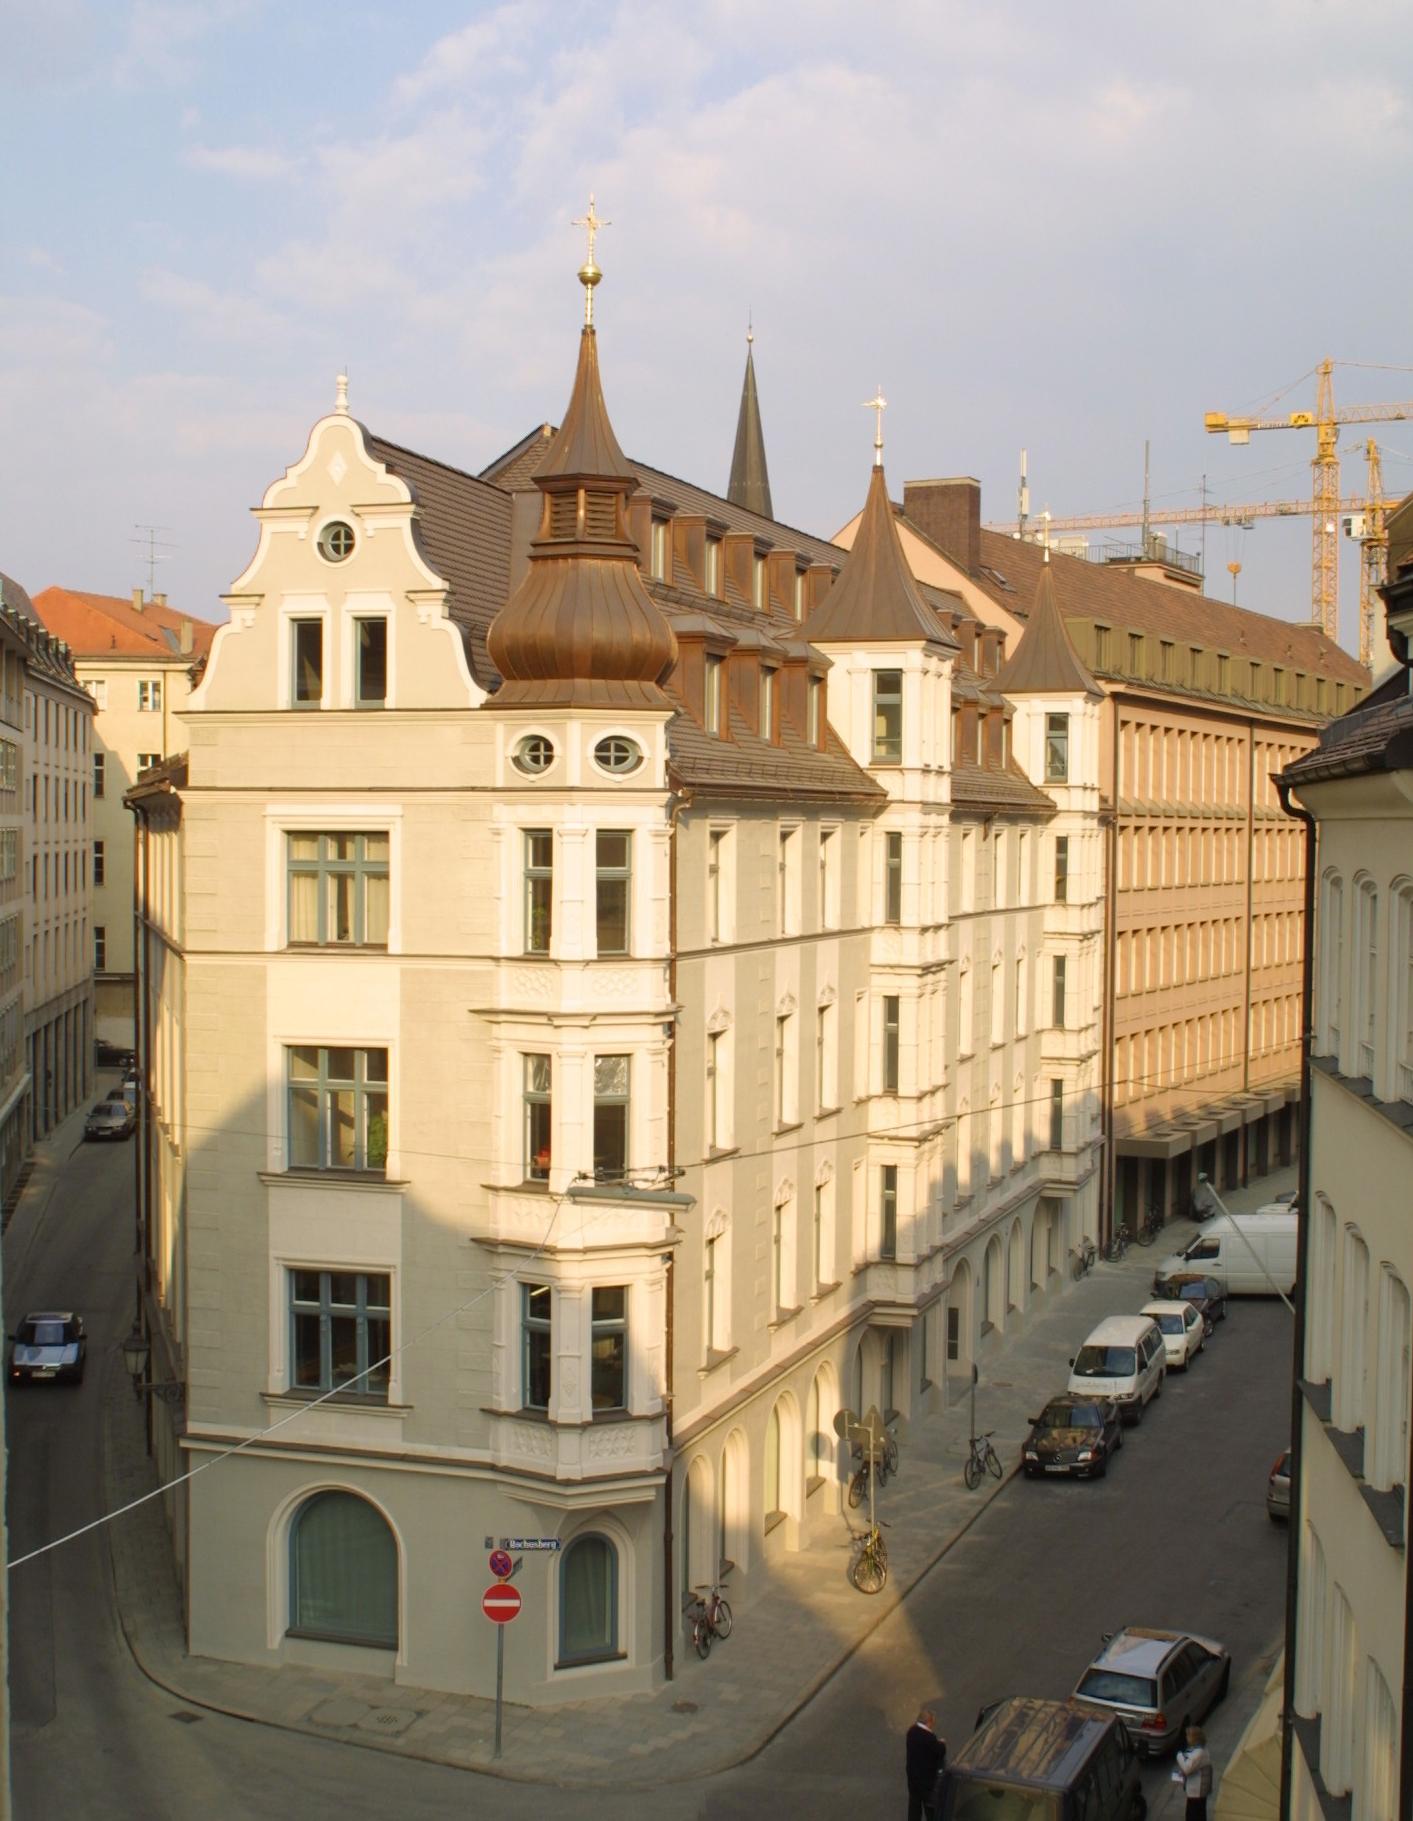 Unutzung, Erweiterung und Teilentkernung Denkmal geschütztes Gebäude - München Altstadt, 5.000 qmn etto NFL